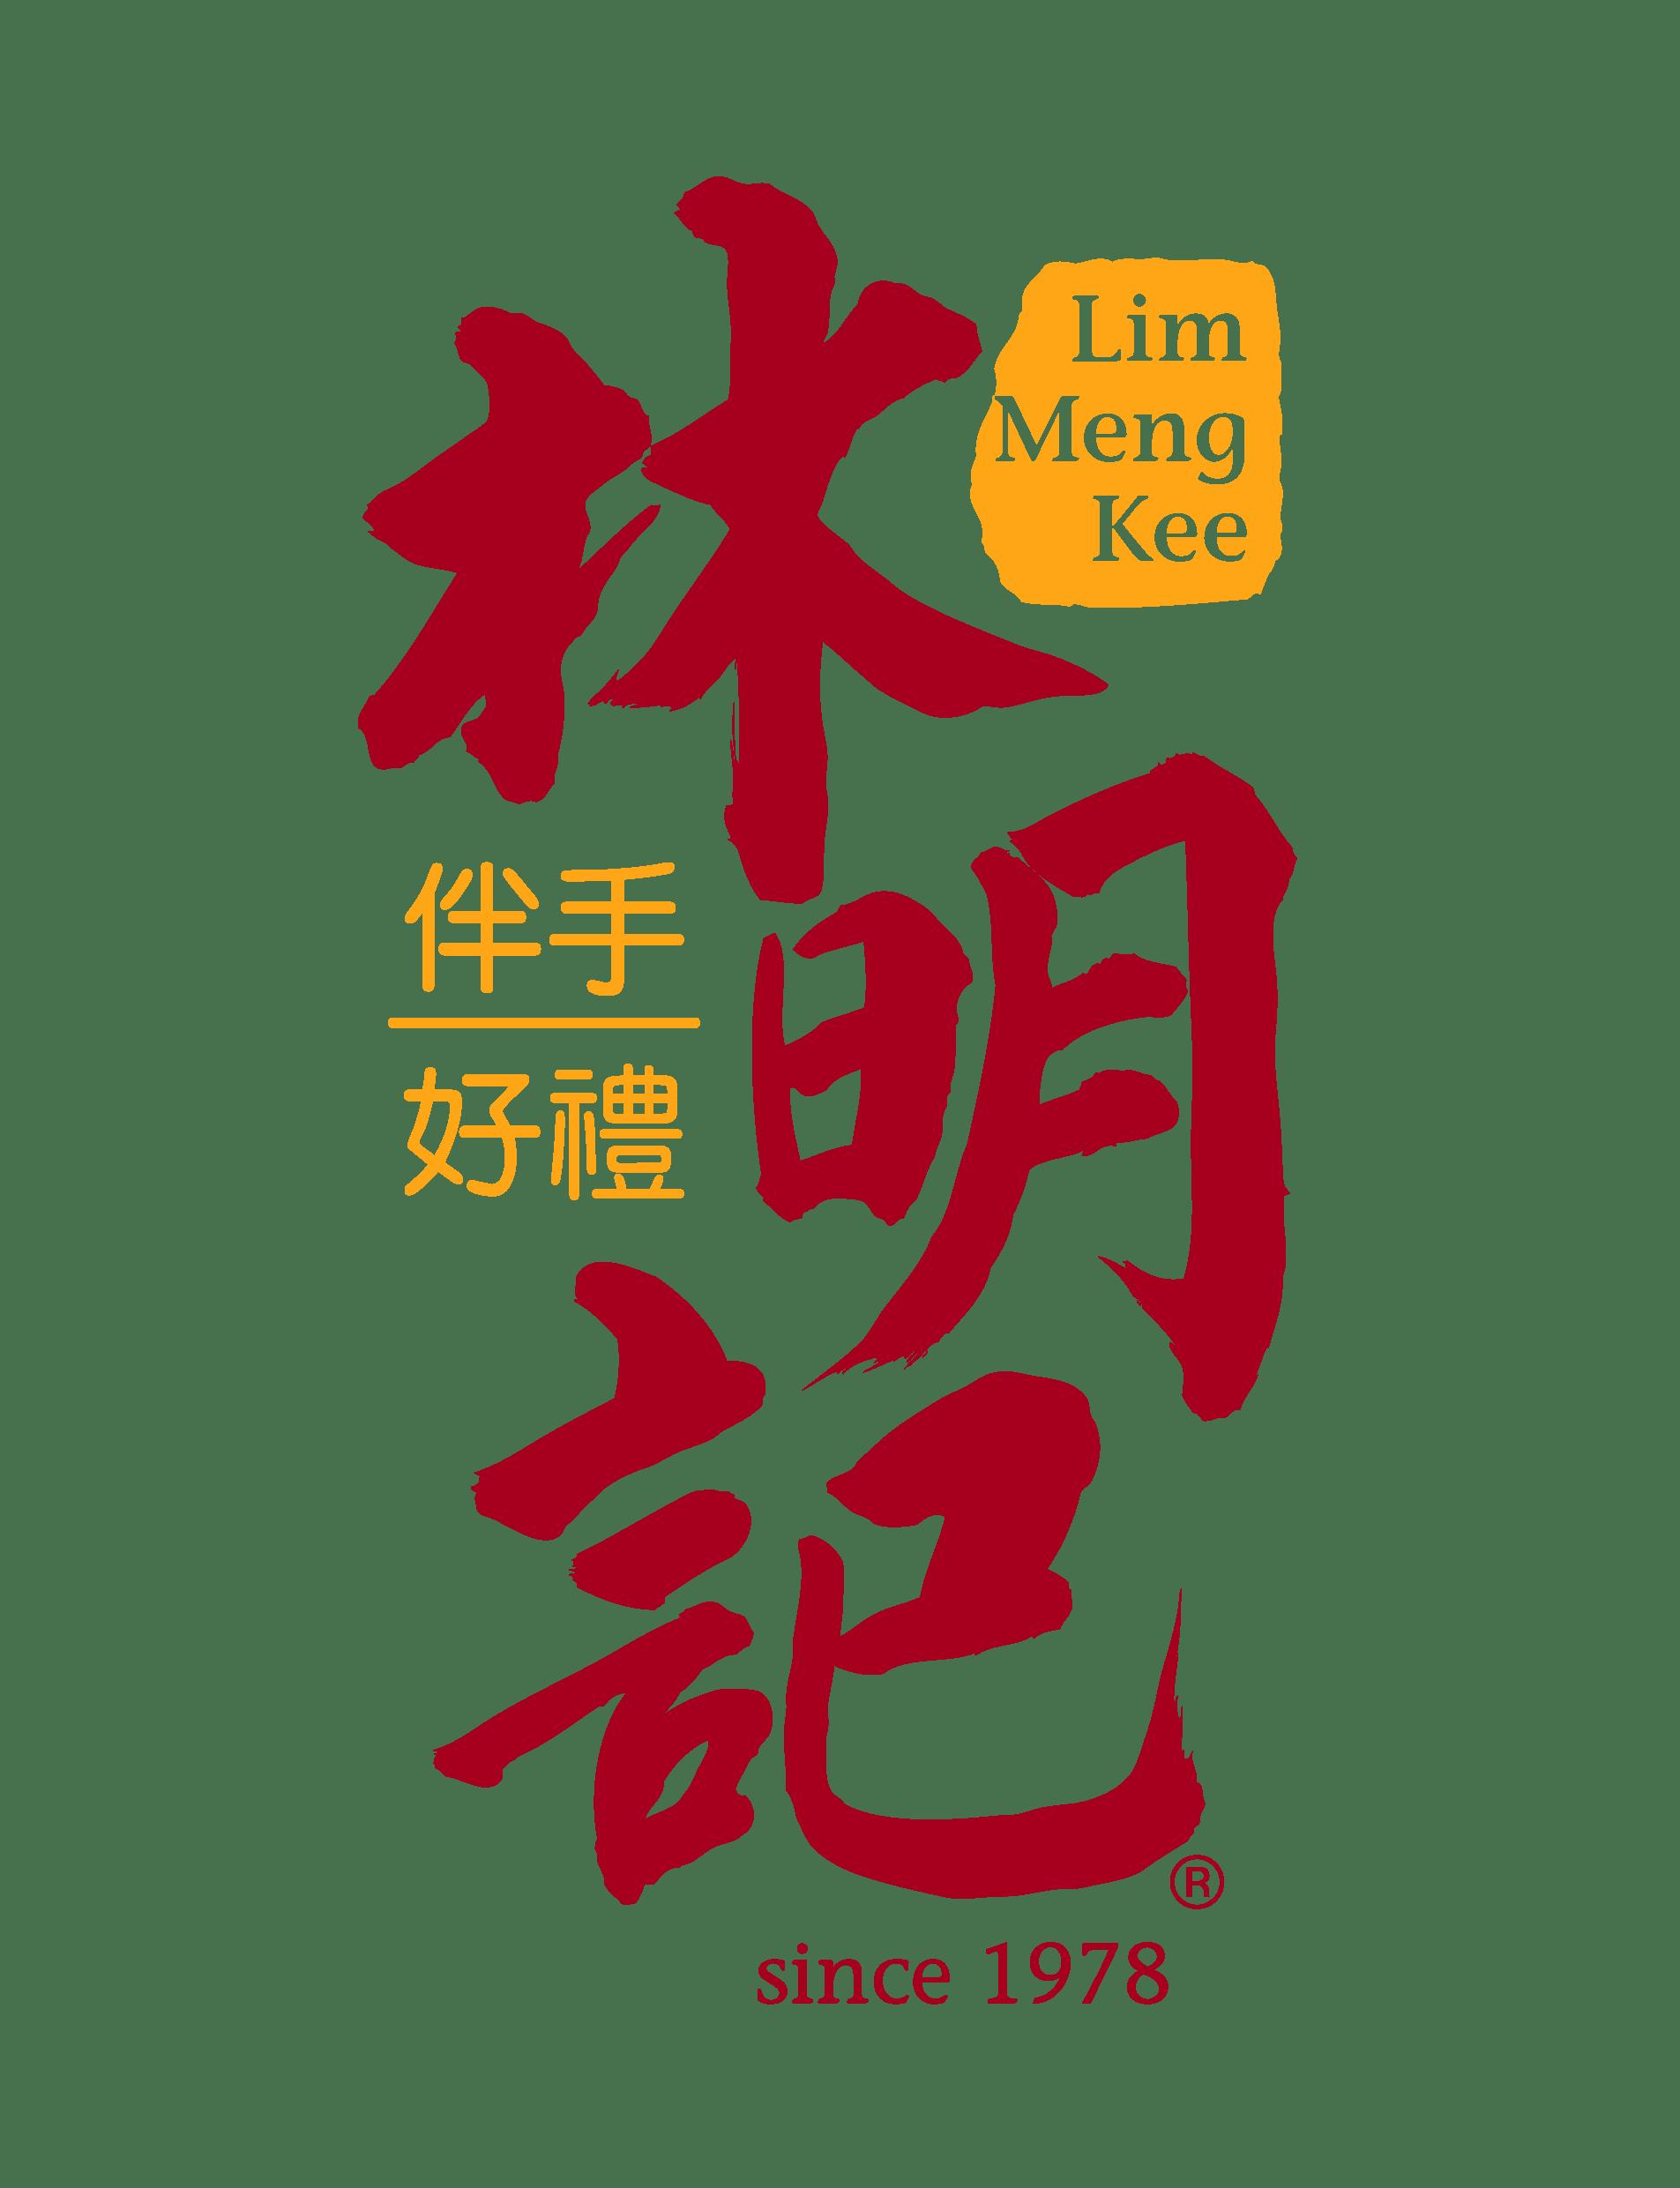 Lim Meng Kee Sdn Bhd